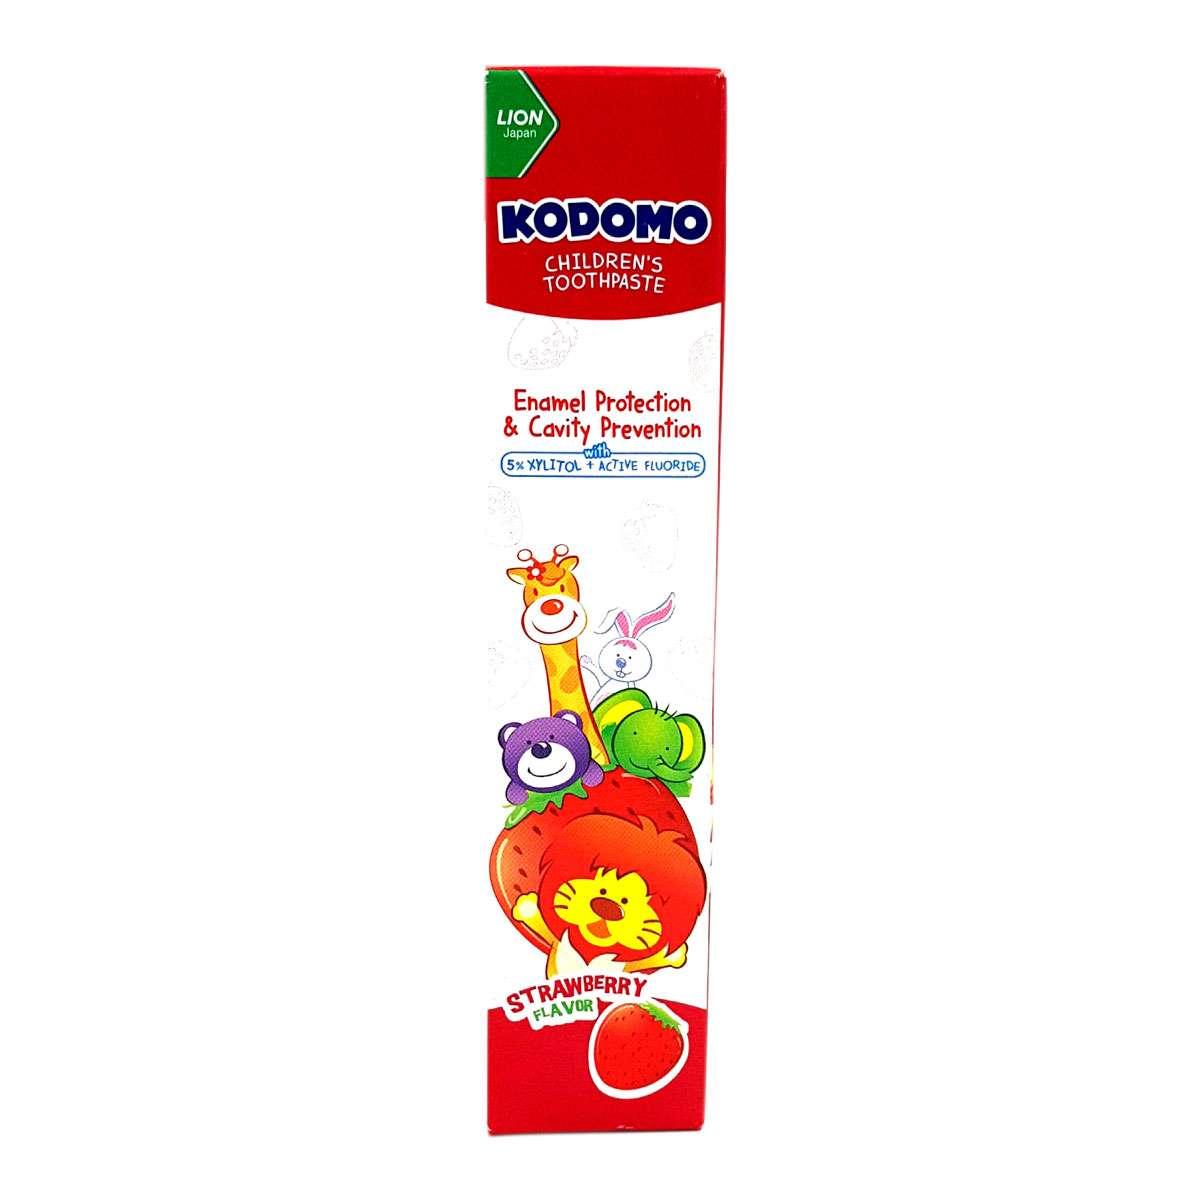 KODOMO Tooth Paste 40 gm